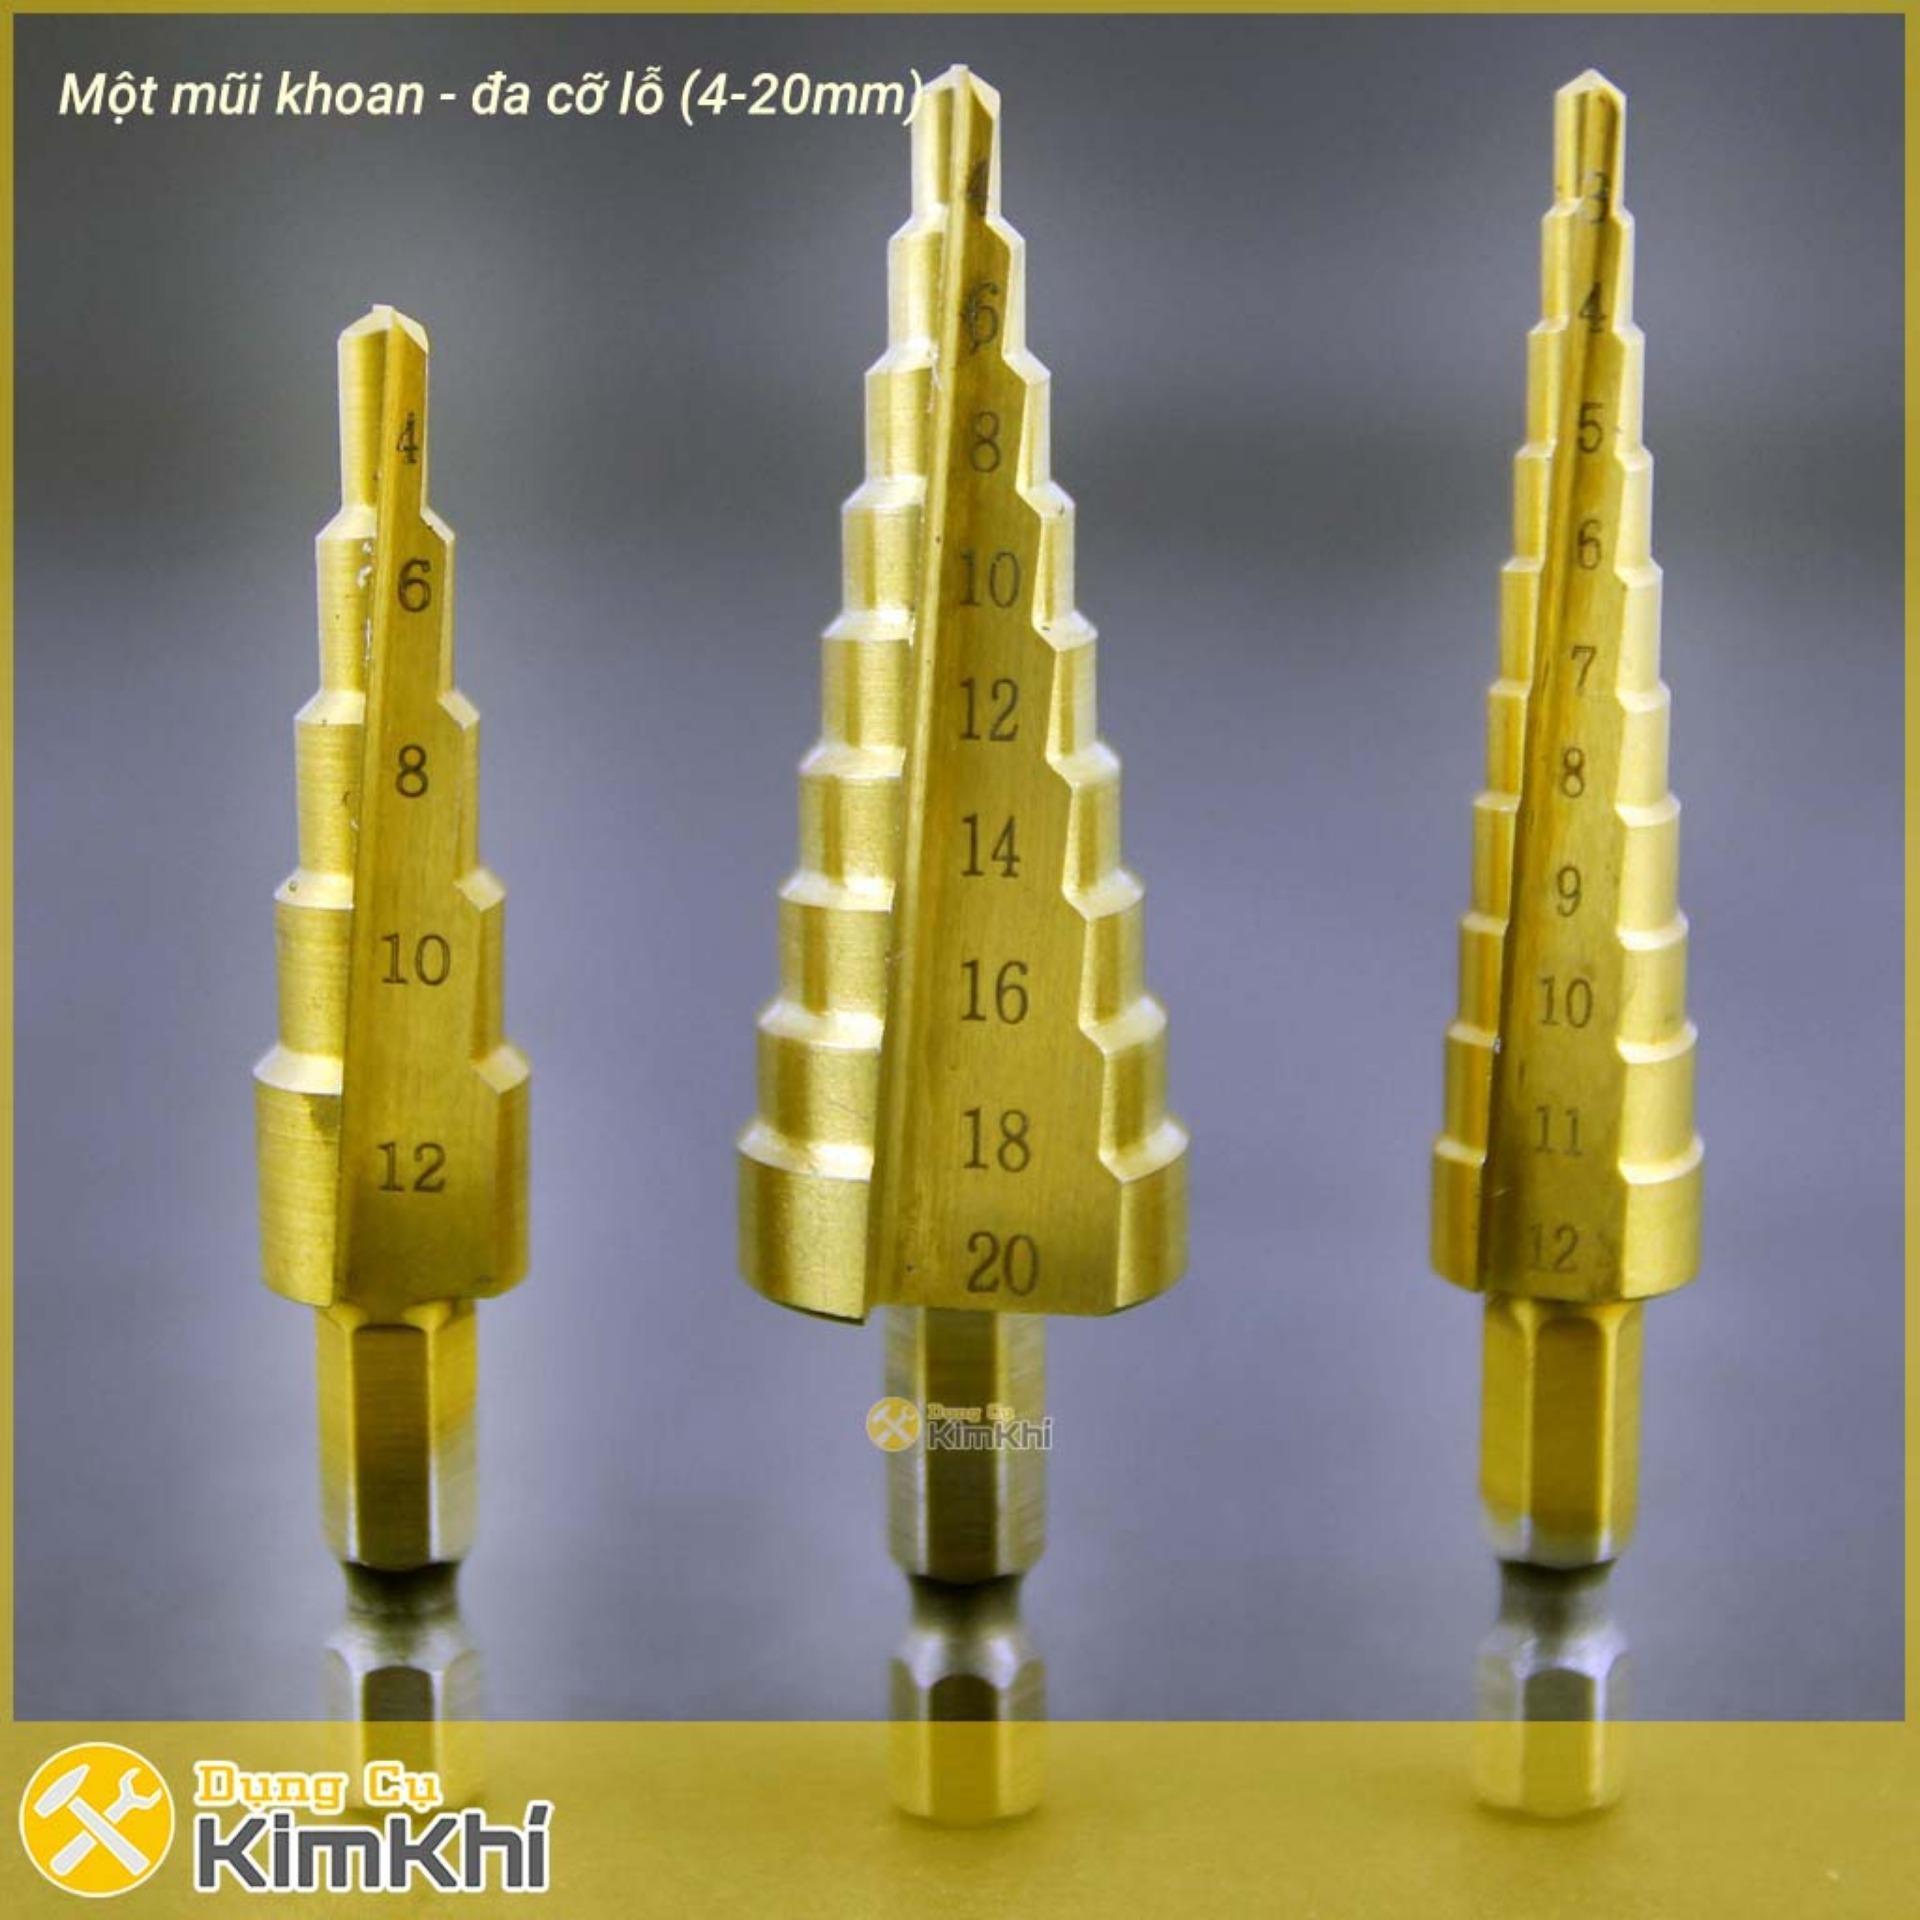 Bộ 3 Mũi Khoan Bước Tháp Titanium 3-20 Mm Khoan Sắt, Tôn, Nhôm-MK3.162 - Qmart Giá Giảm